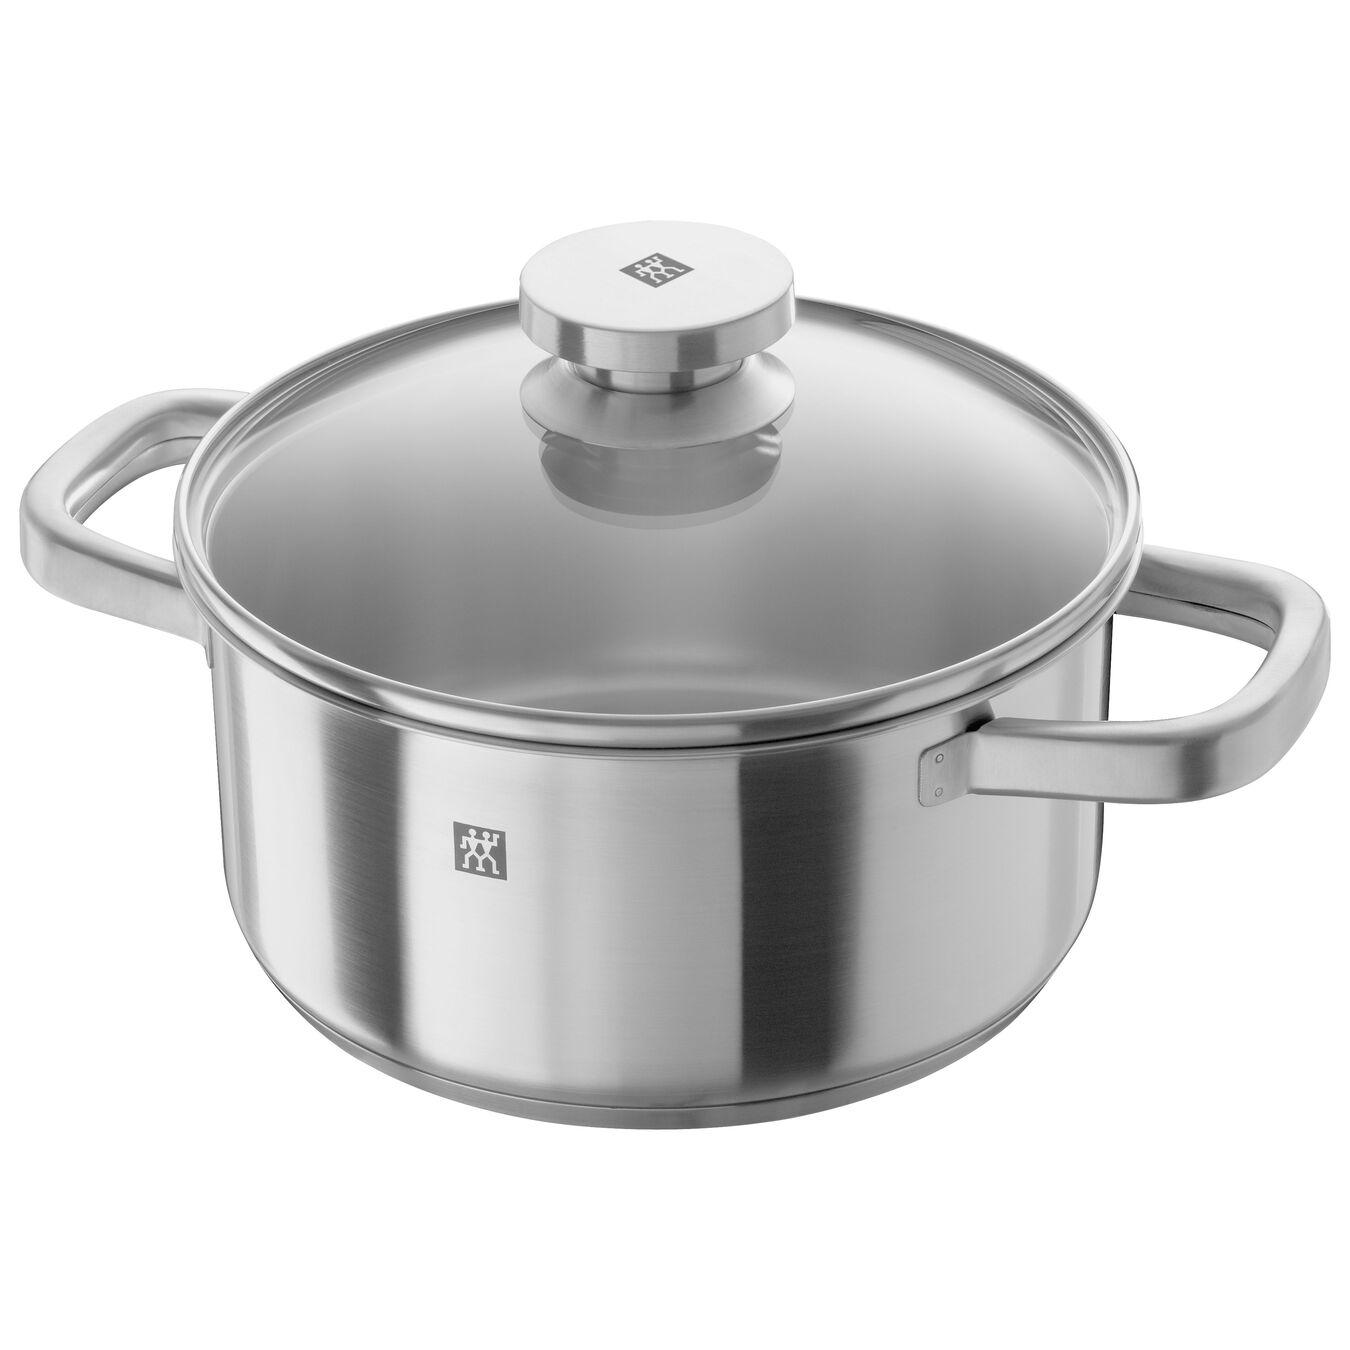 Ensemble de casseroles 3-pcs, Inox 18/10,,large 7